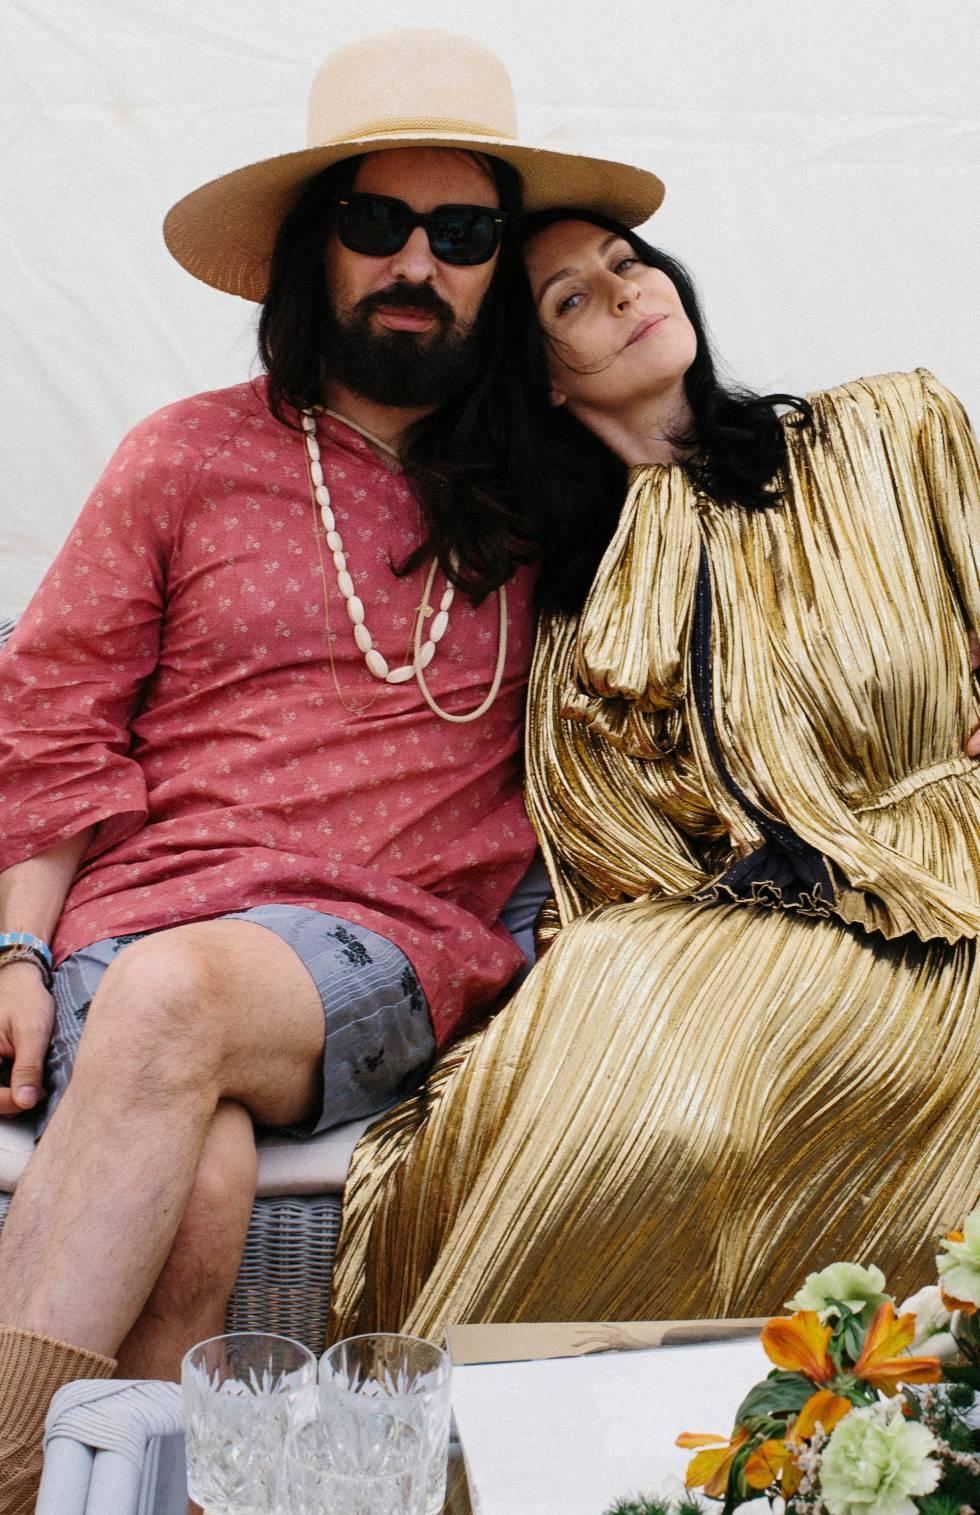 Susie Cave junto a Alessandro Michele, director creativo de Gucci, el día del rodaje.